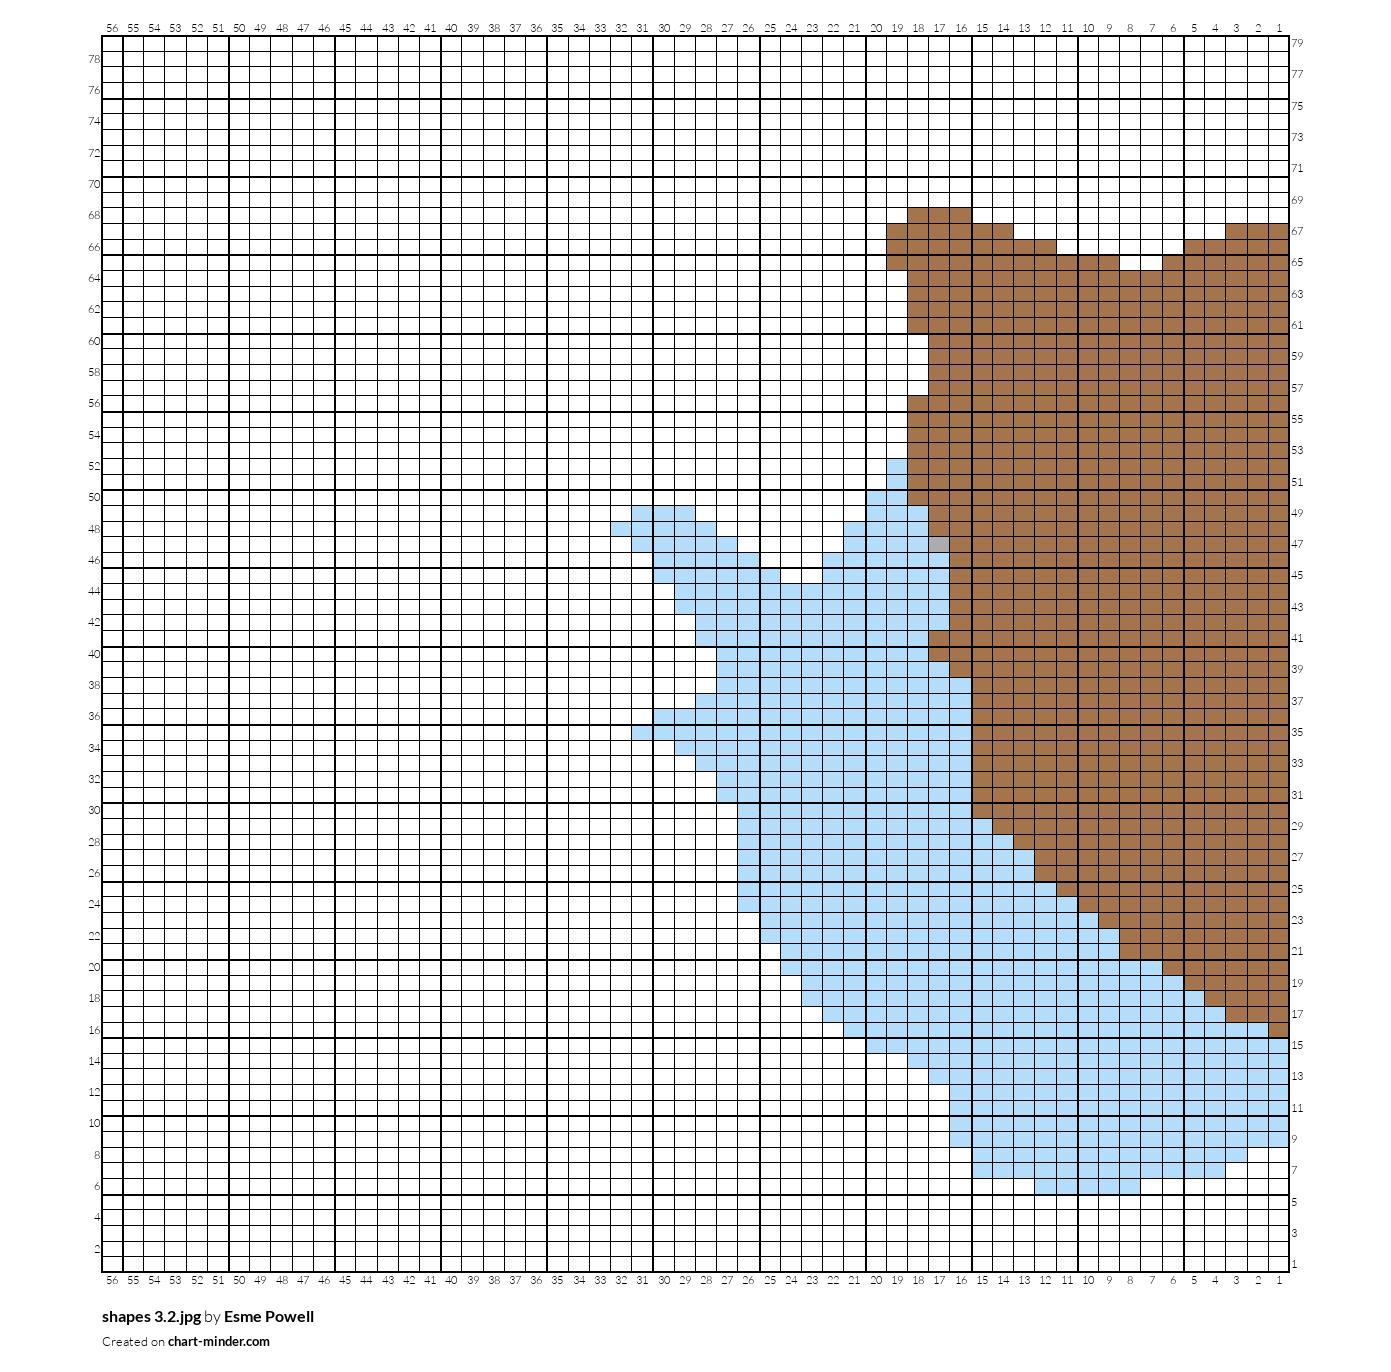 shapes 3.2.jpg